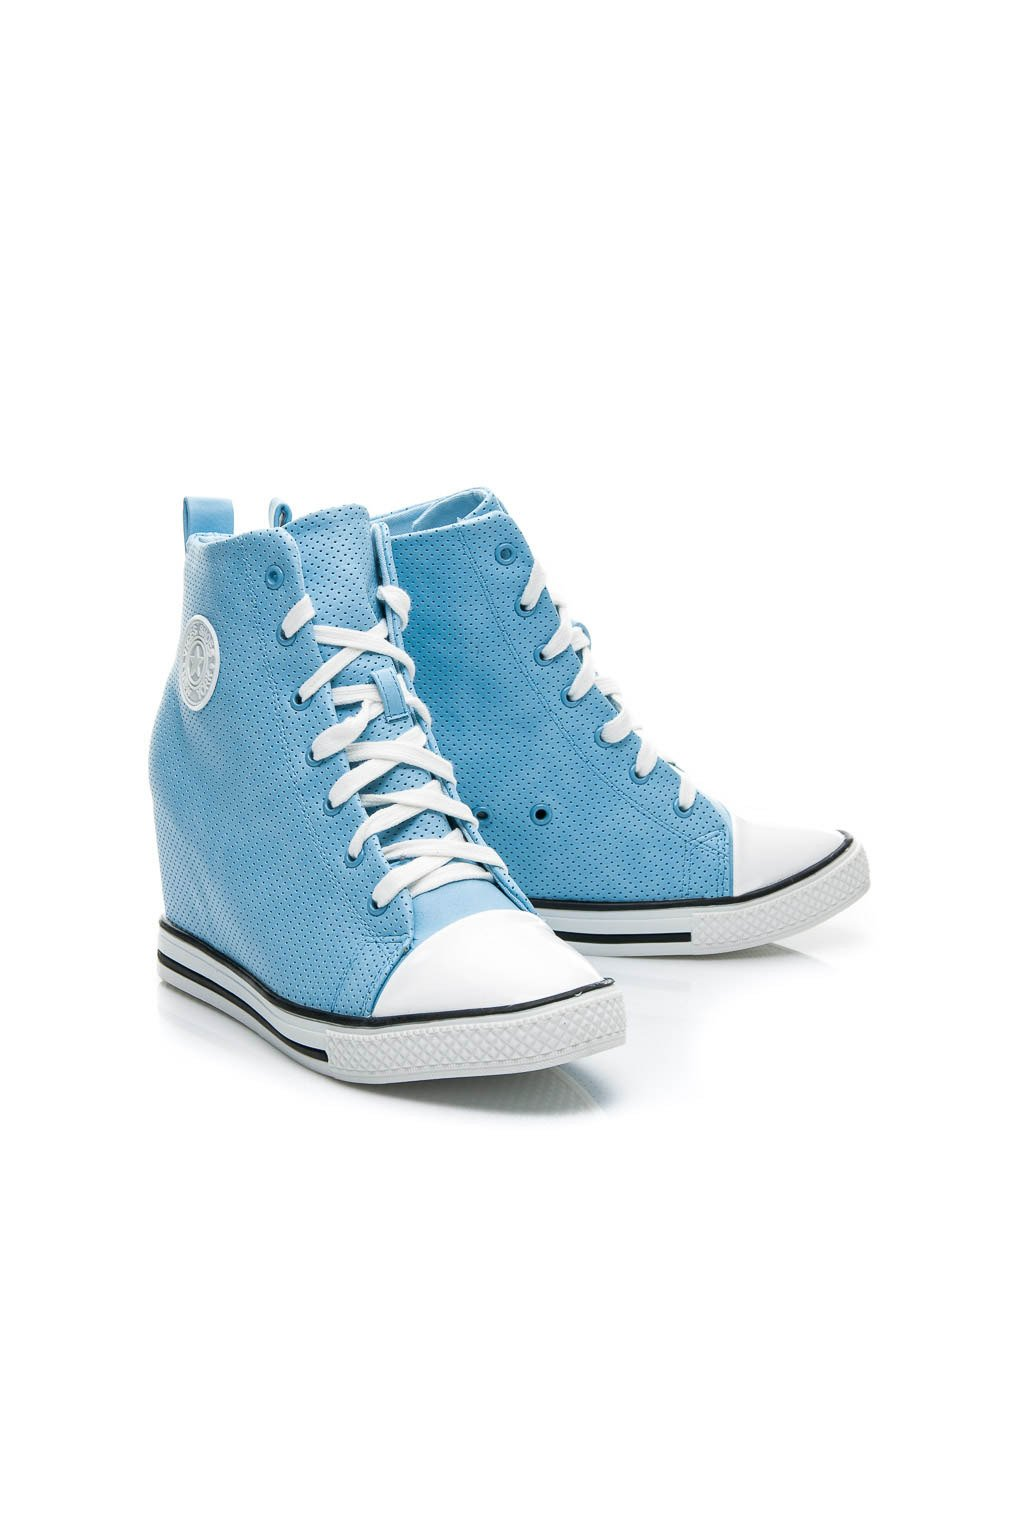 Platformové tenisky modré Y601BL / S3-68P veľ.č. 38, 40 (Veľkosť UK7 / EUR 40)